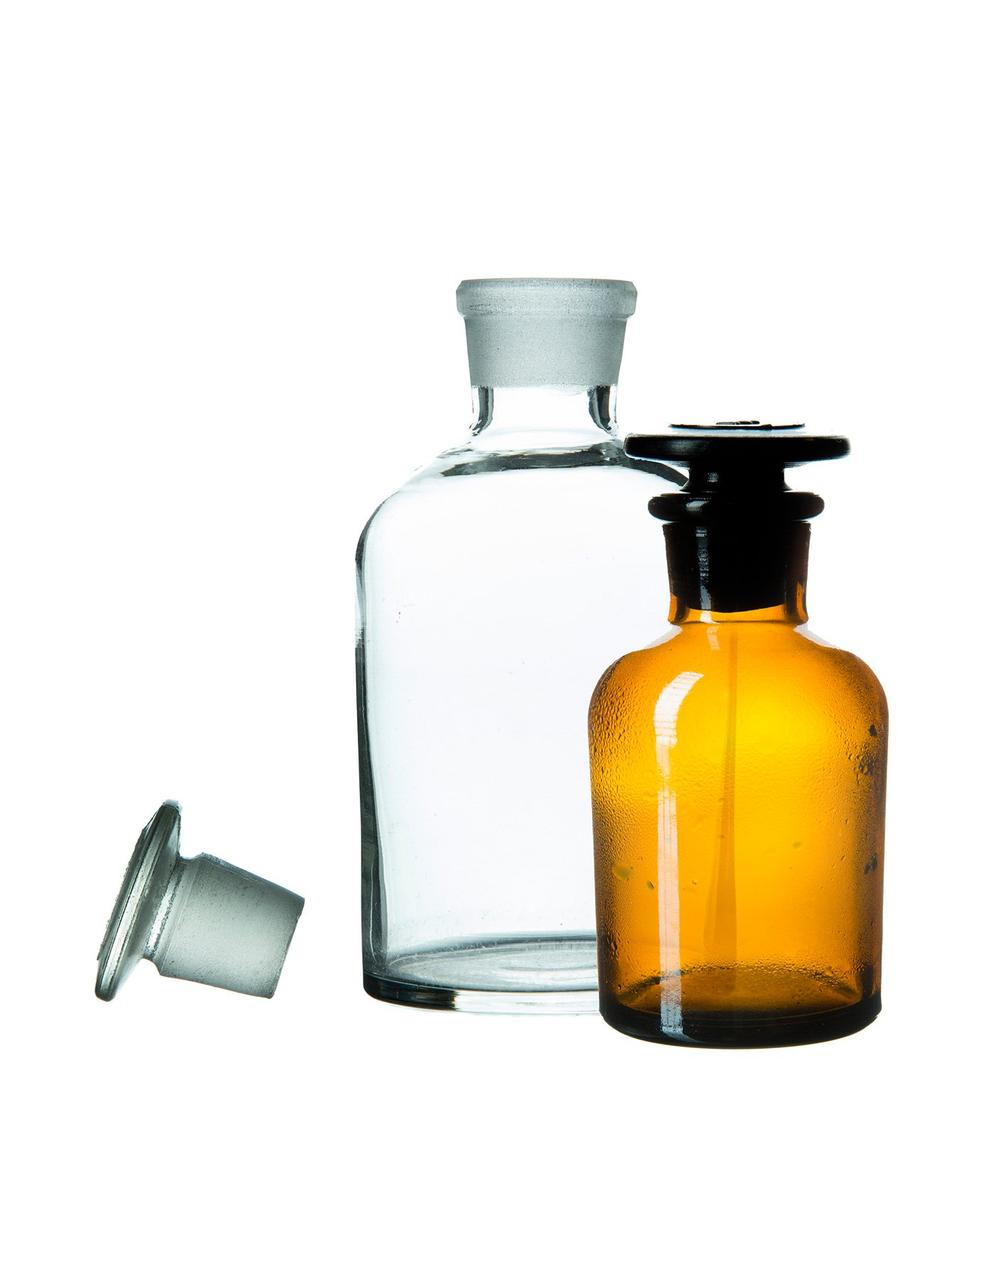 Склянка д/реактивов из светлого стекла с широкой горловиной и притертой пробкой,    500 мл